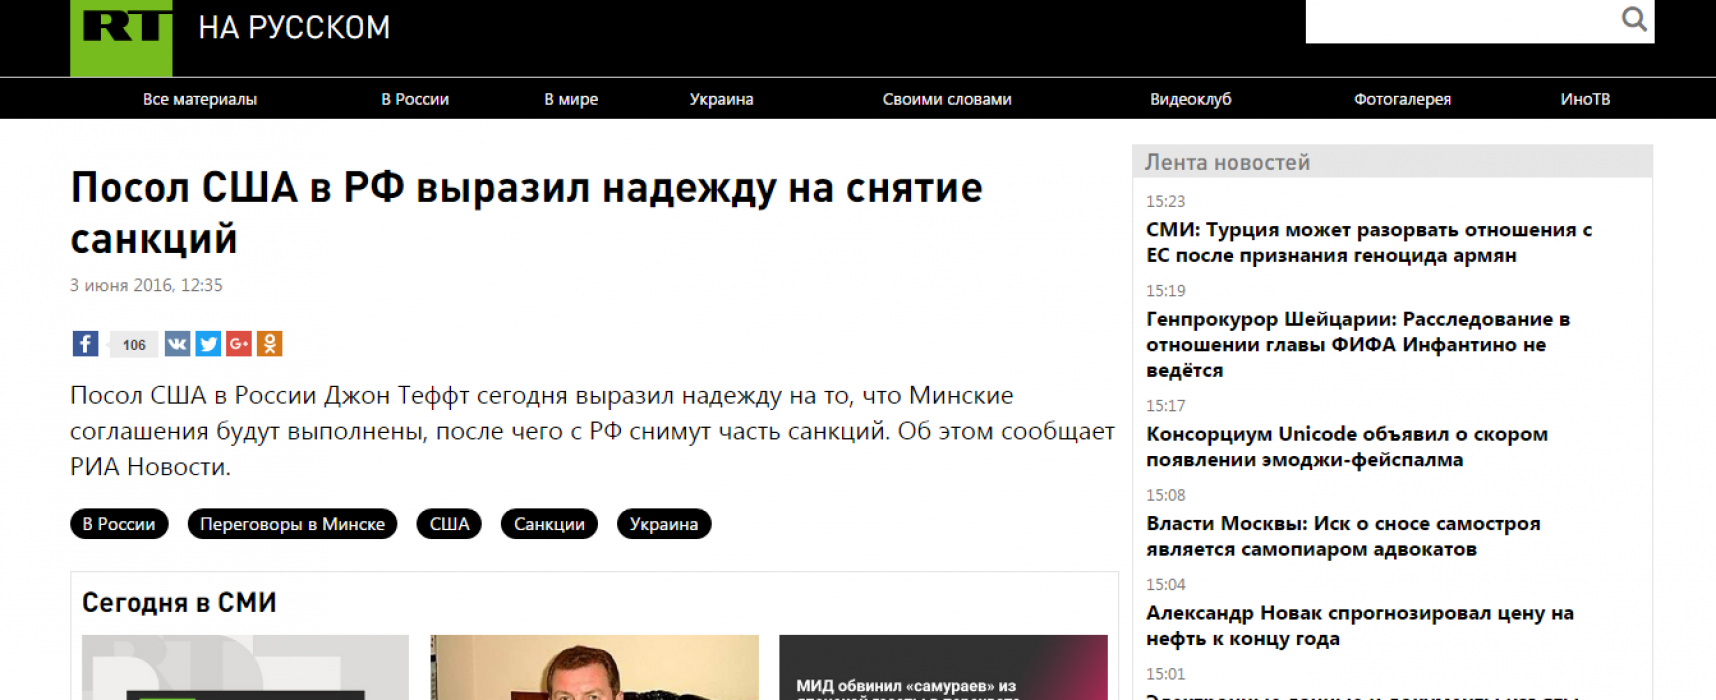 Фейк: Посол США в РФ выразил надежду на снятие санкций